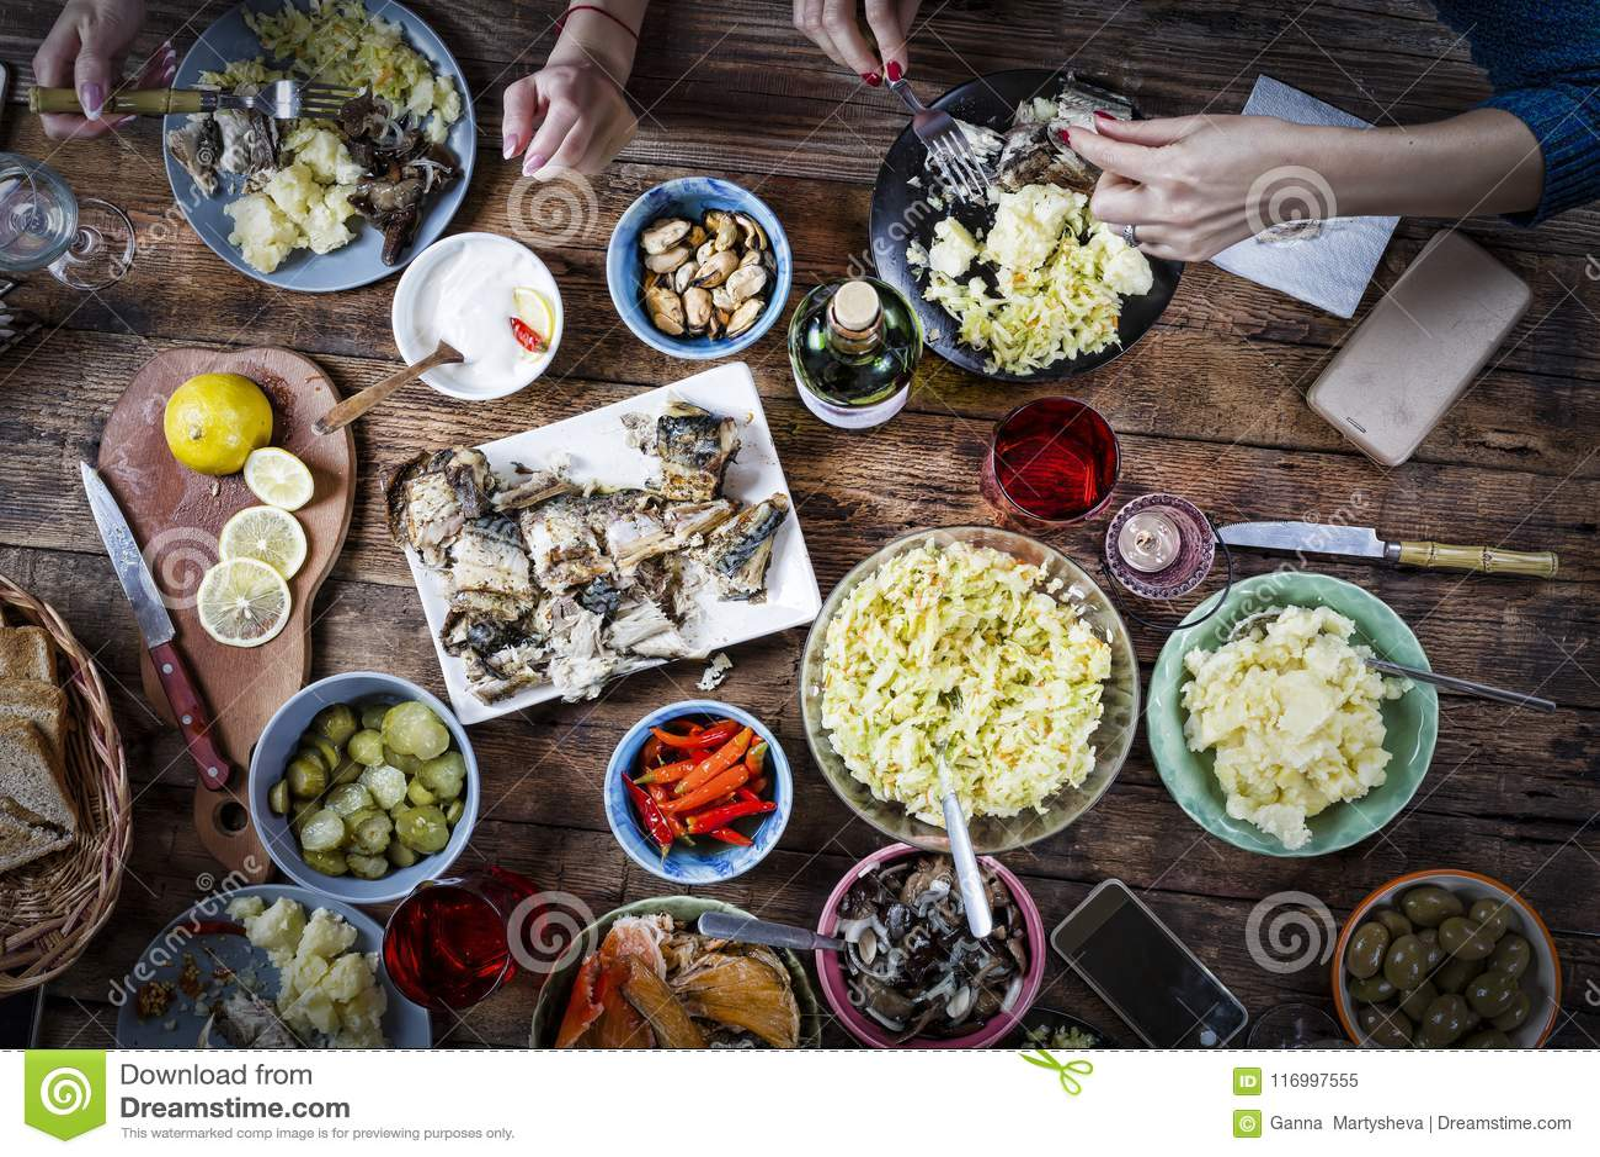 Flach-Lage, Abendessen, Lebensmittel, Grill, Rindfleisch, Snäcke, fingerfoods Mahlzeit, Feiertag Buffet-Partei-Konzept